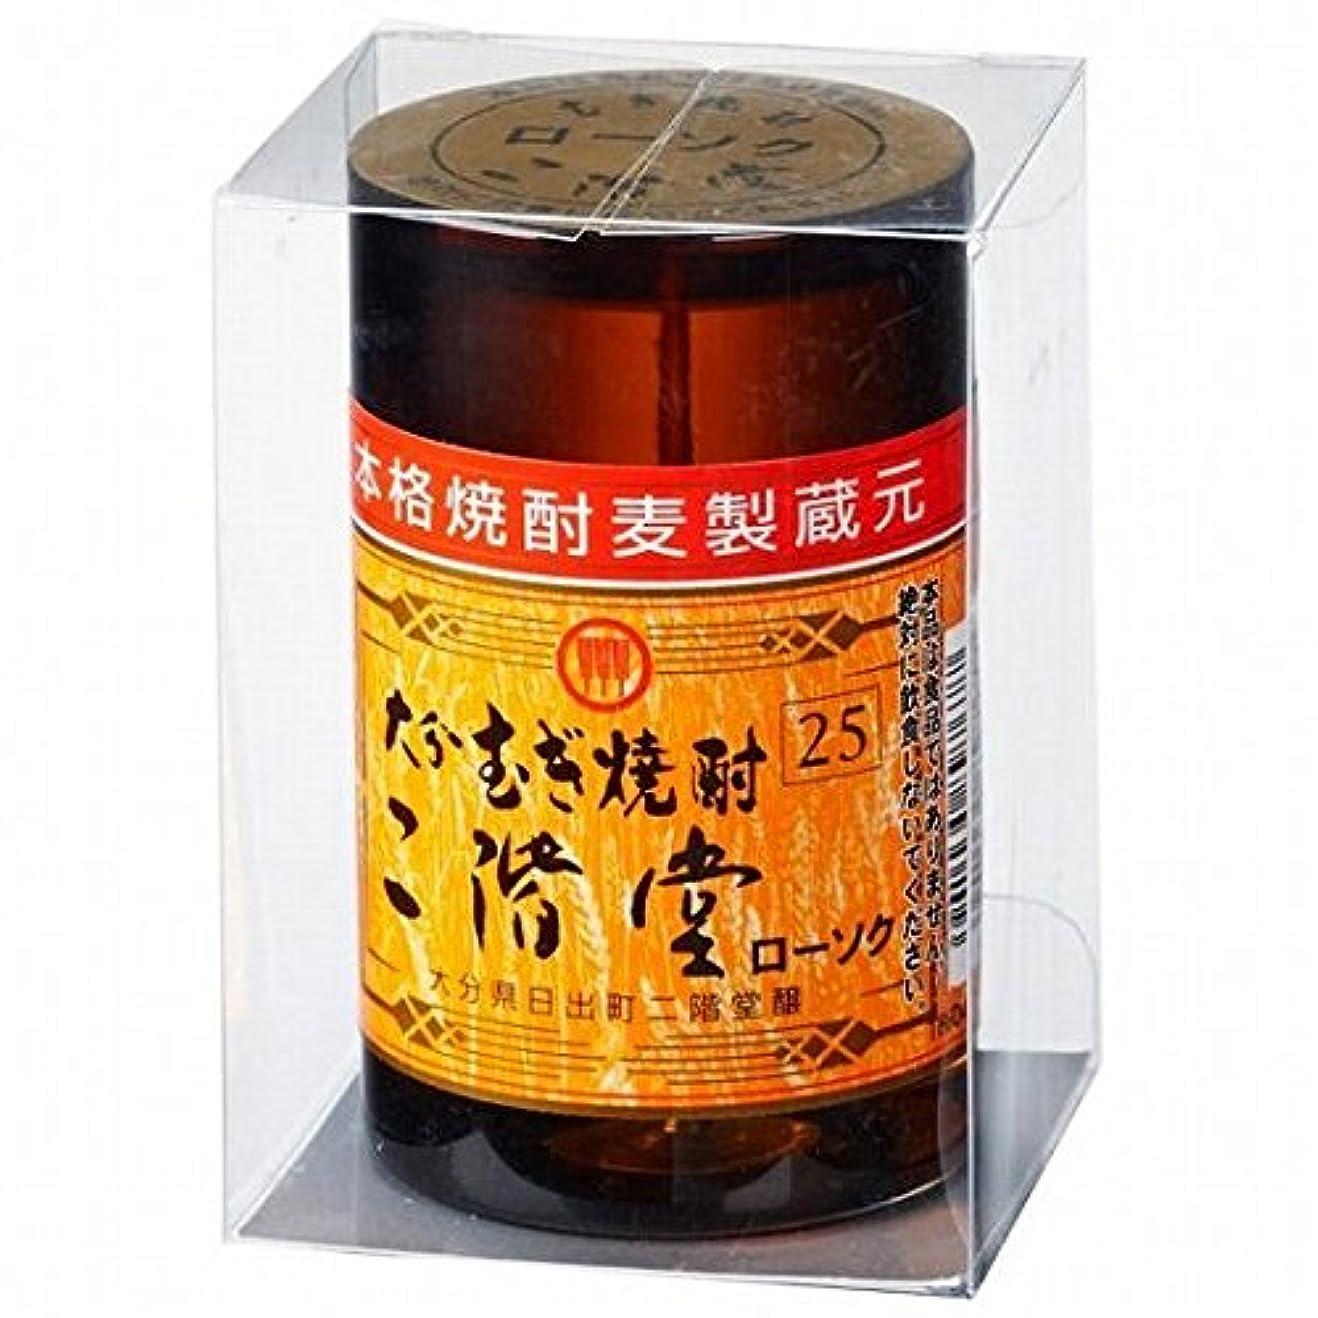 気づくなる変わるガラスkameyama candle(カメヤマキャンドル) 大分むぎ焼酎 二階堂ローソク キャンドル(86040000)